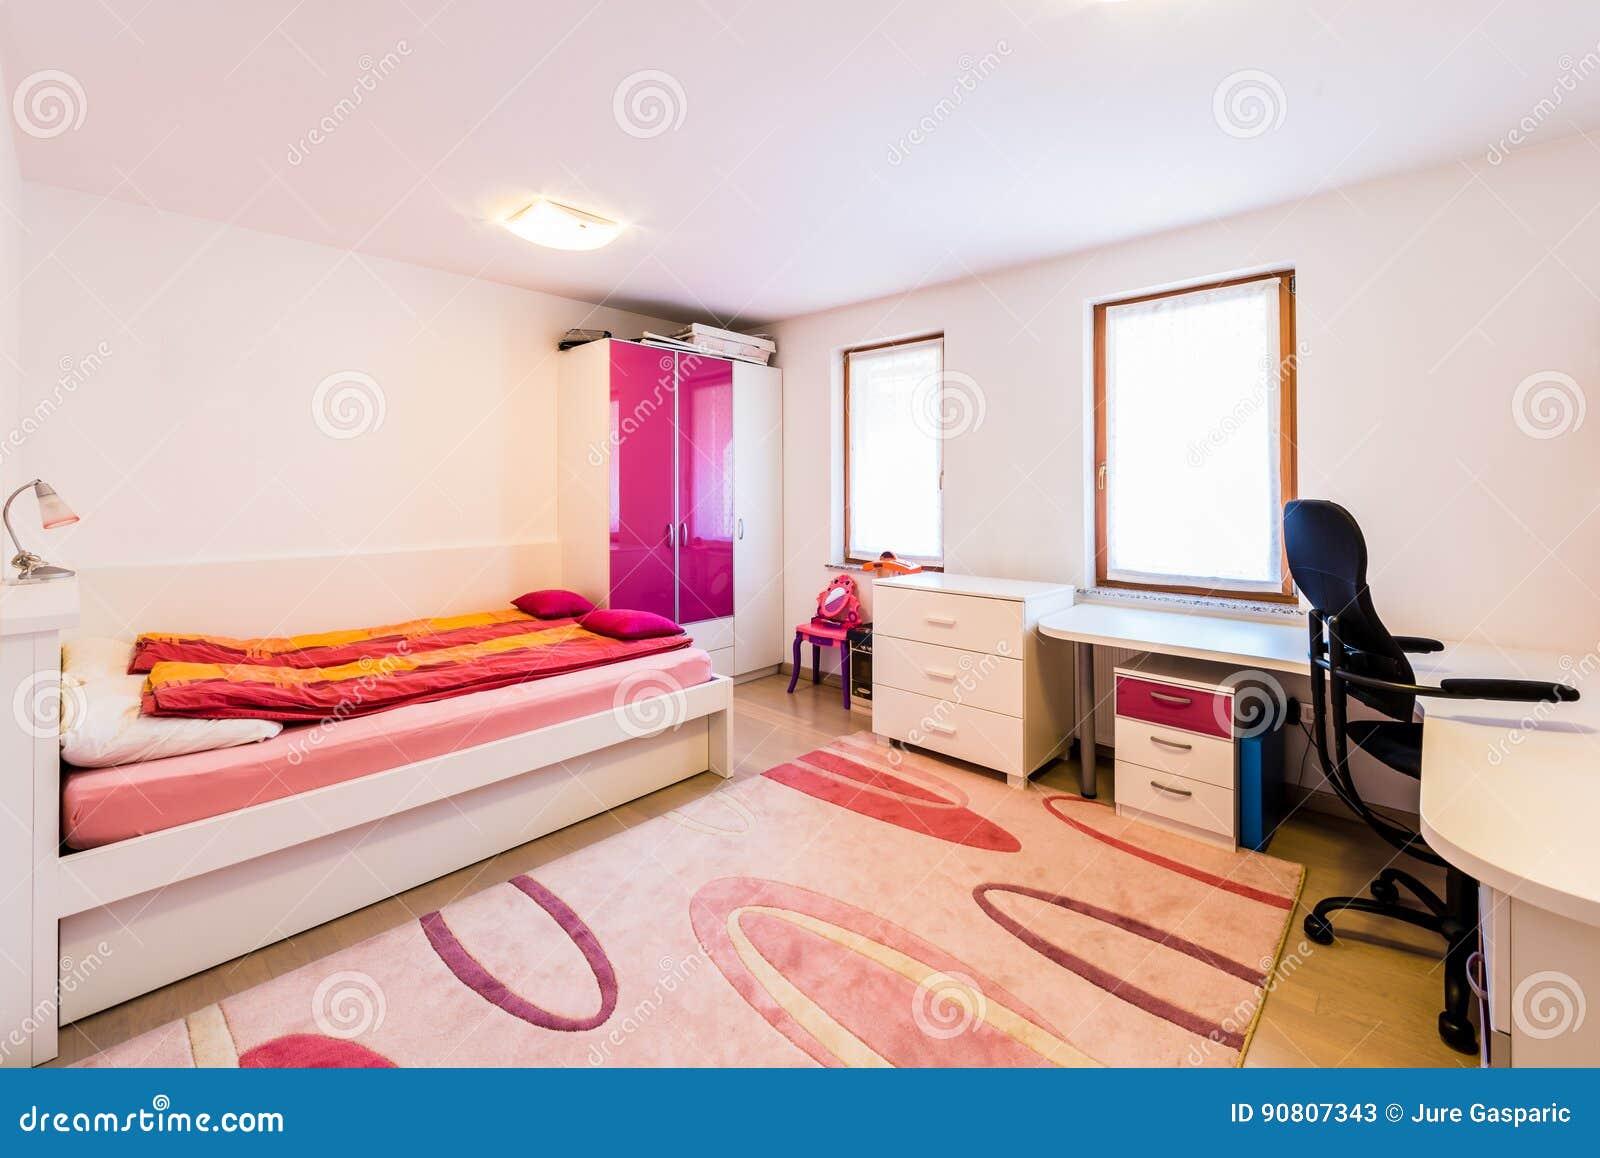 Moderner Kindermadchen Spielraum Mit Bett Und Studienschreibtisch